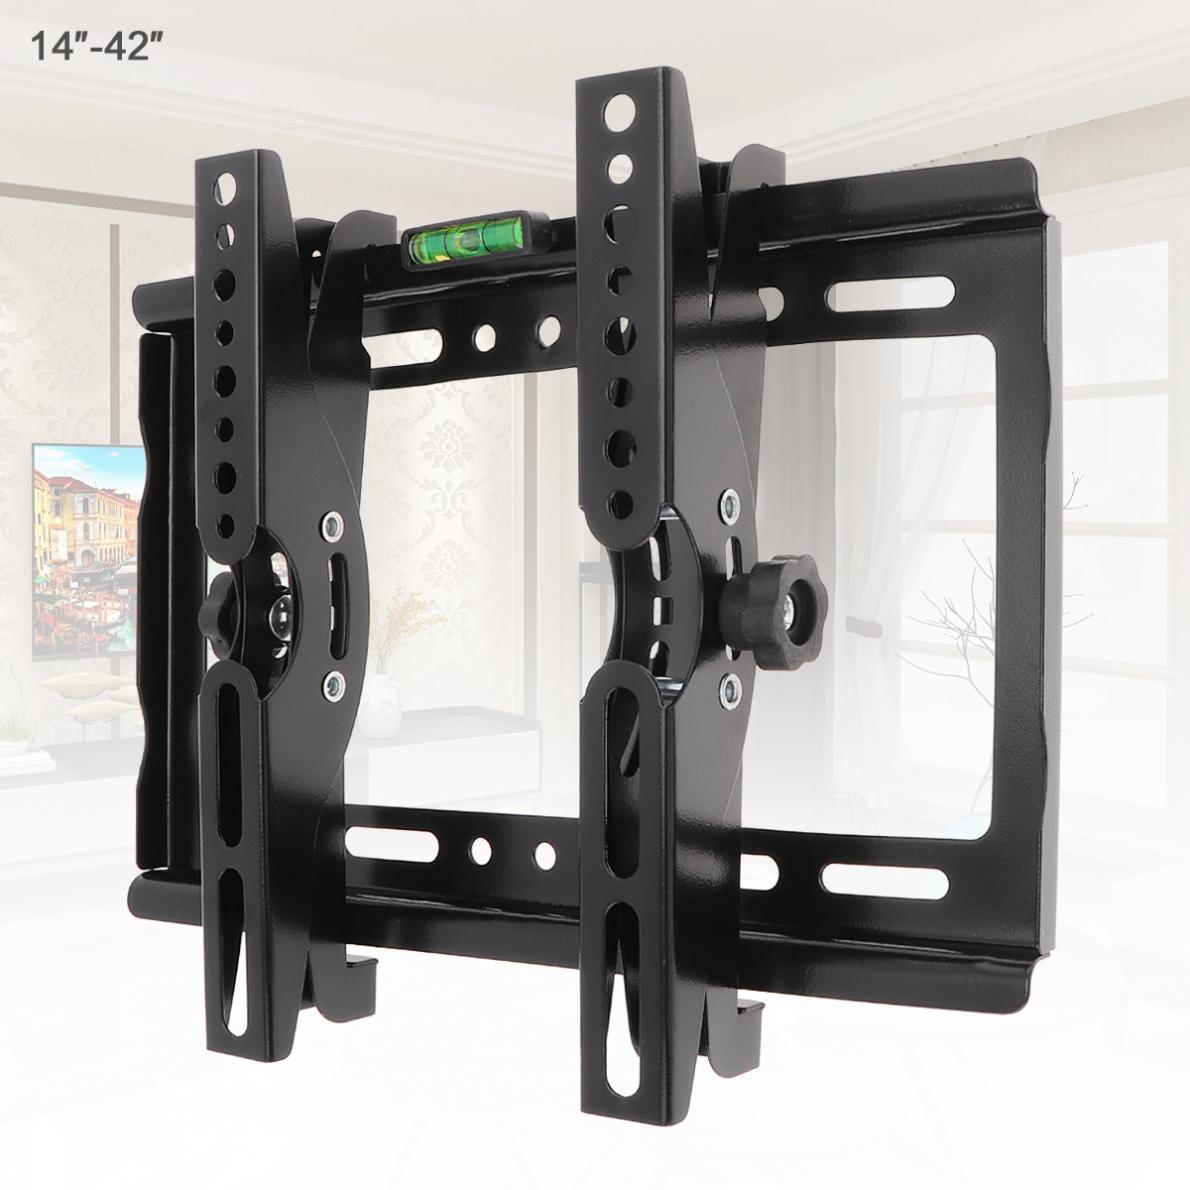 Soportes de pared para TV, soporte de Panel plano, marco de TV, ángulo de inclinación de 15 grados con nivel para LCD LED de 14 - 42 pulgadas, 25KG